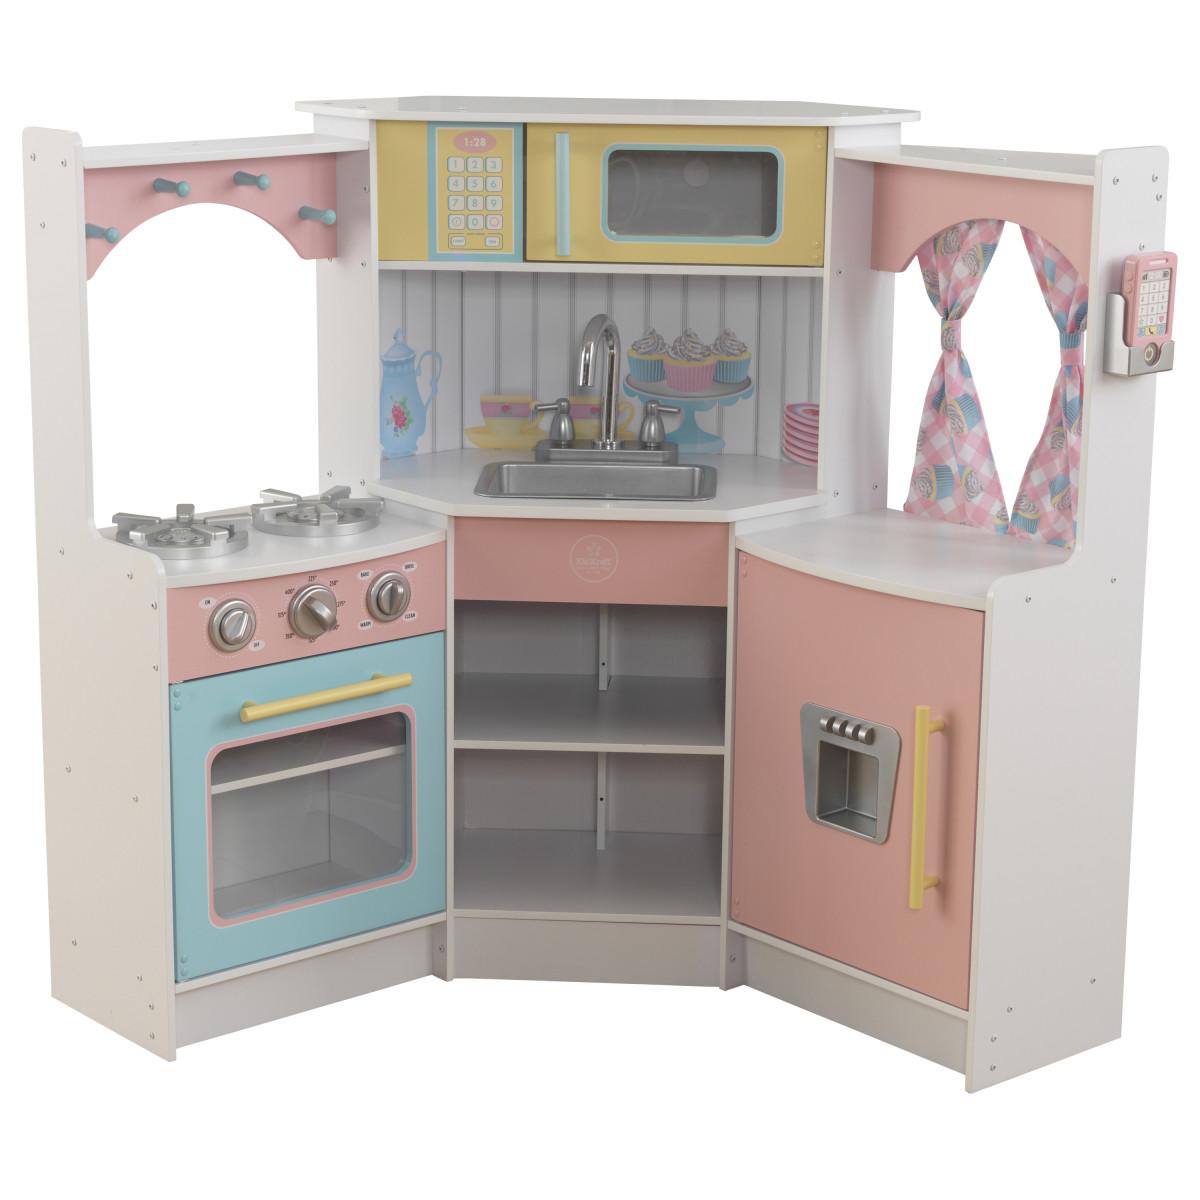 Kidkraft Luksusowa Kuchnia Narozna Dla Dzieci 53368 Pirum